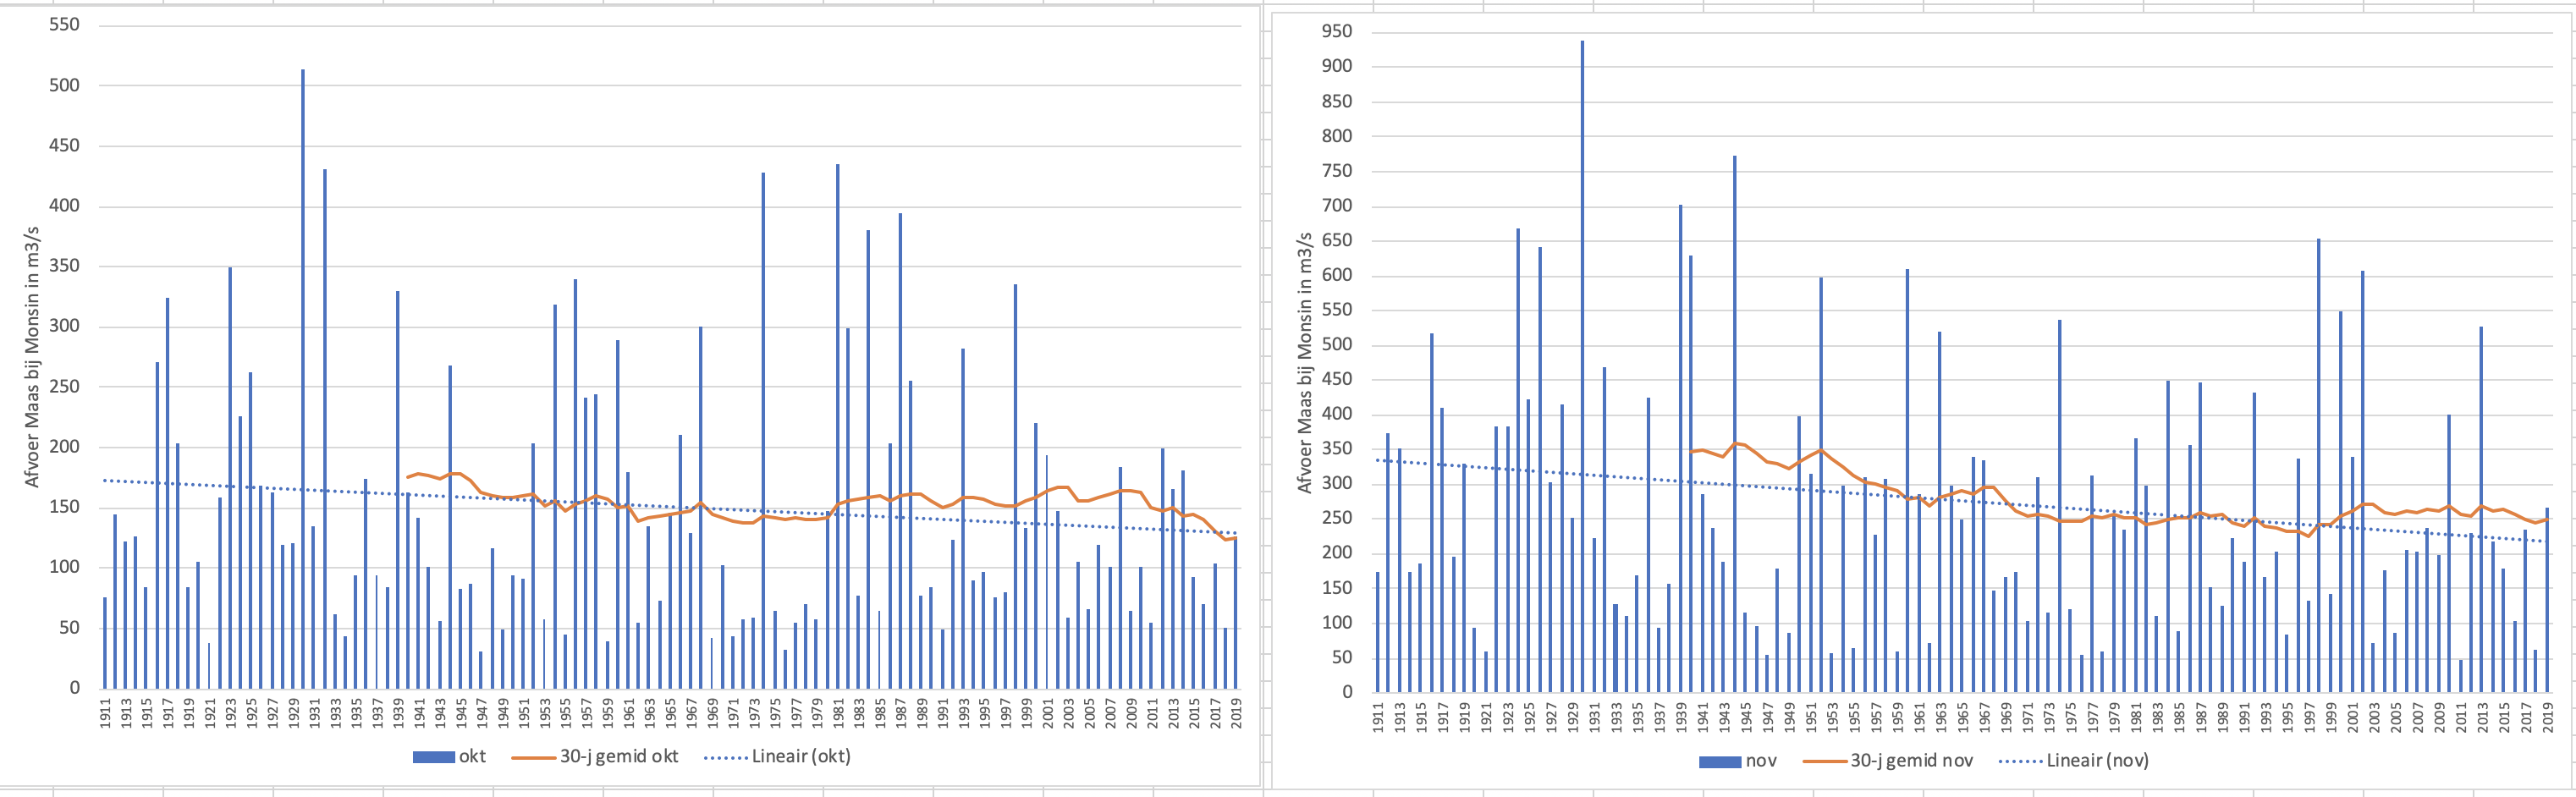 Gemiddelde afvoer van de Maas bij Monsin in oktober (links) en november (rechts) voor de periode 1911-2019; inclusief de trendlijn over de periode en het 30 jarig gemiddelde.